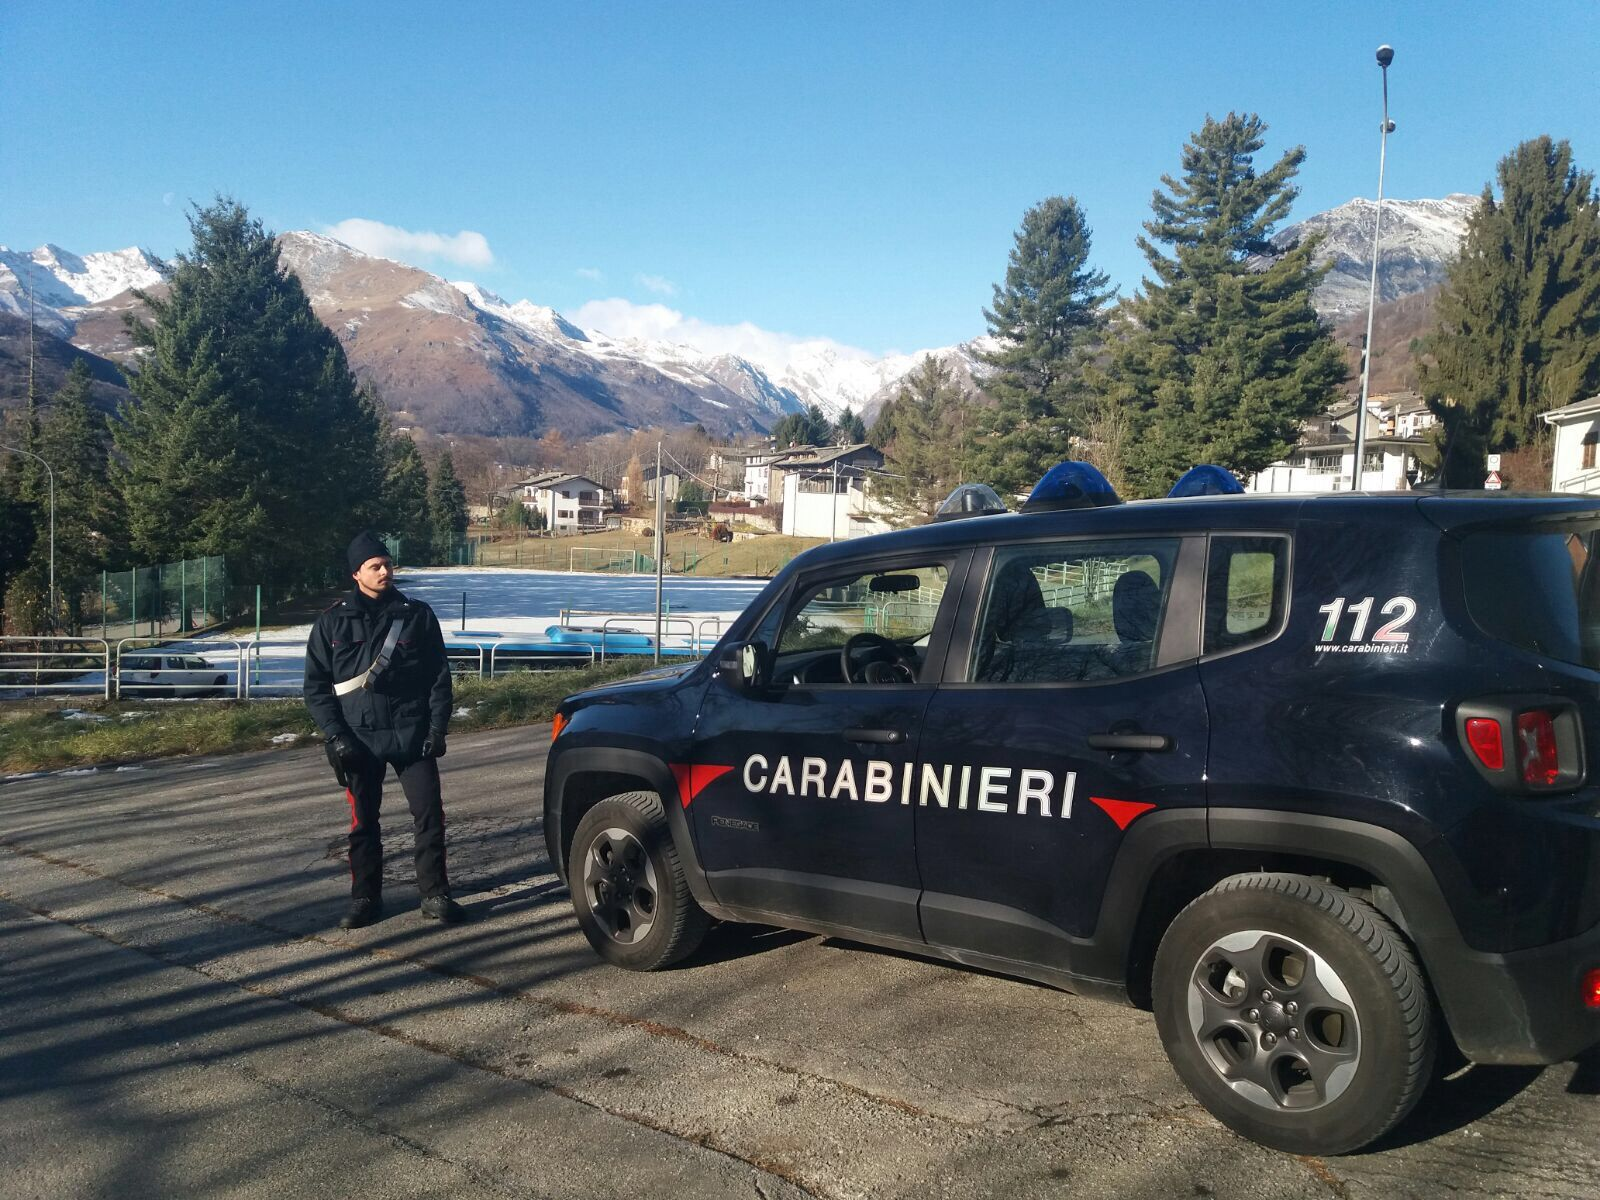 VALCHIUSELLA - Piromane arrestato dai carabinieri: aveva appena tentato di dare fuoco a un bosco - VIDEO